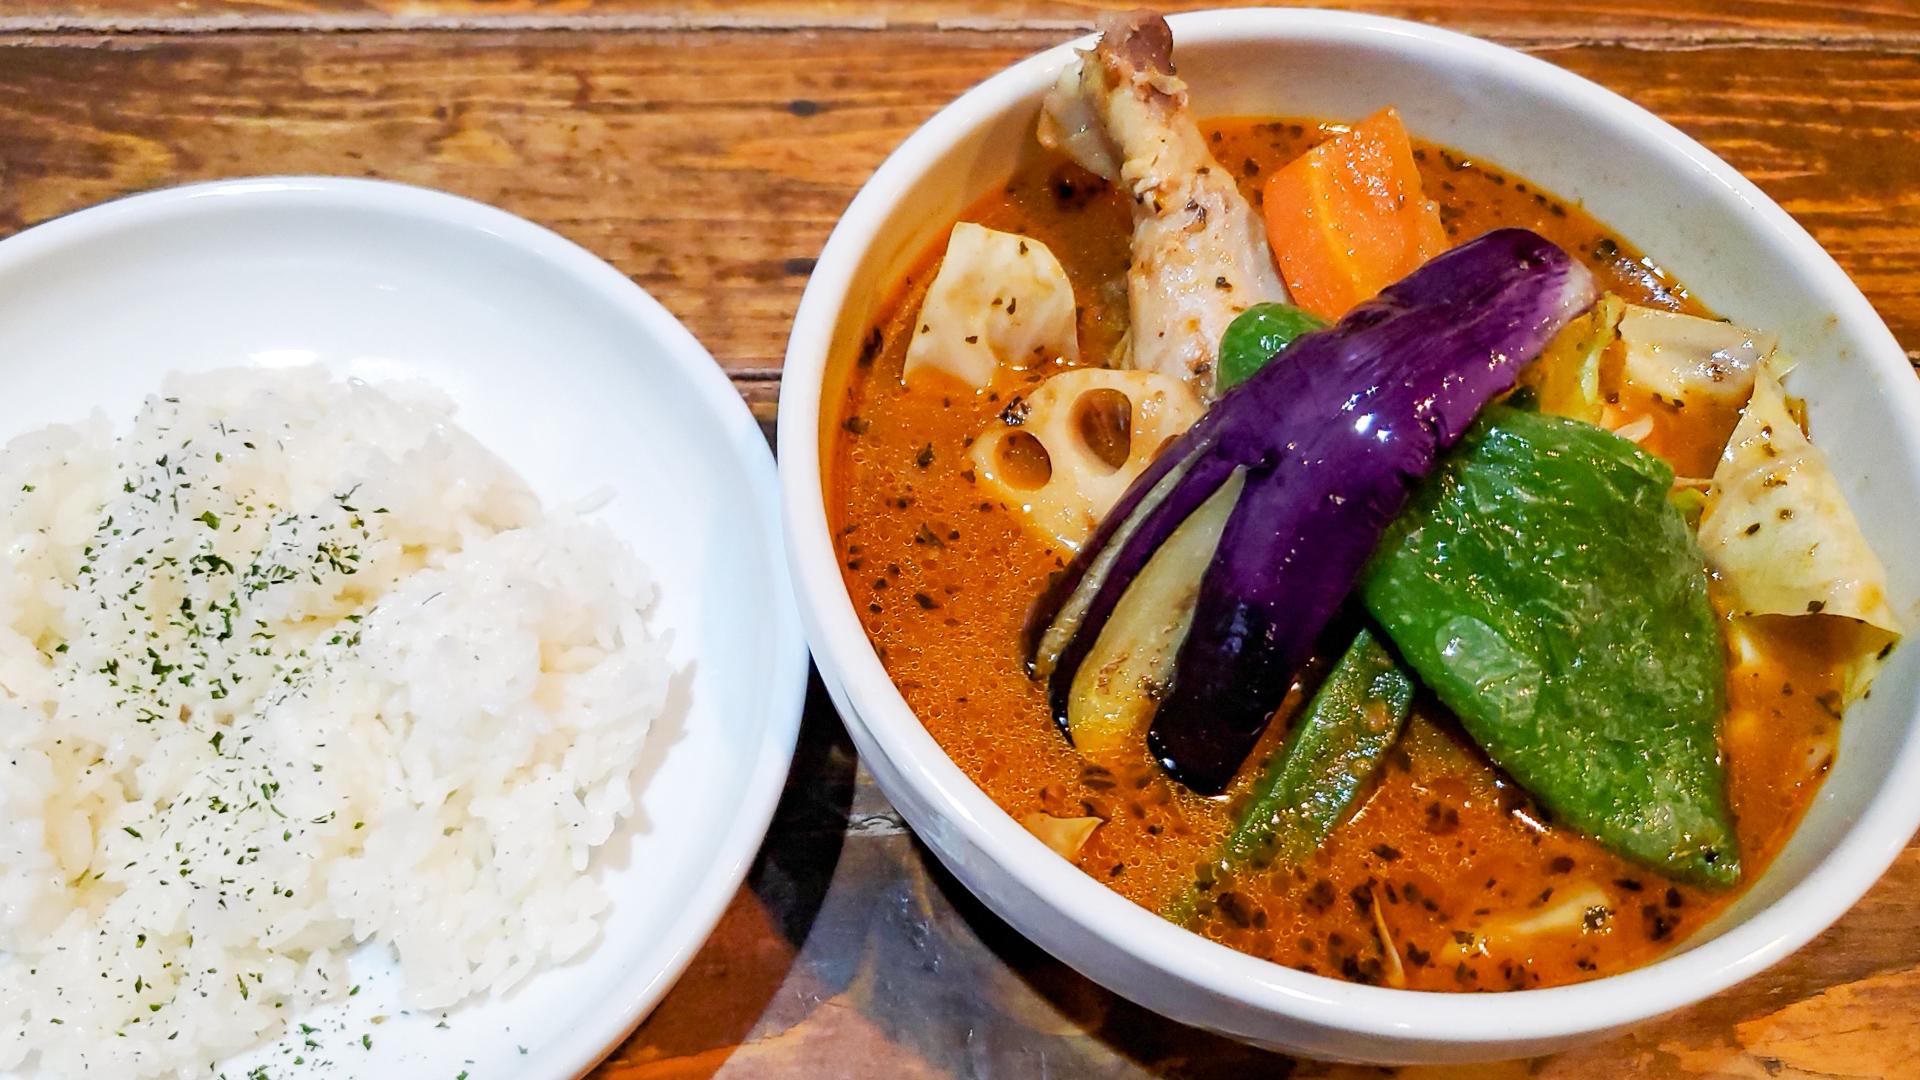 デリバリー専門店かと思ってました「Curry&Cafe グーニーズ 豊平店」 6